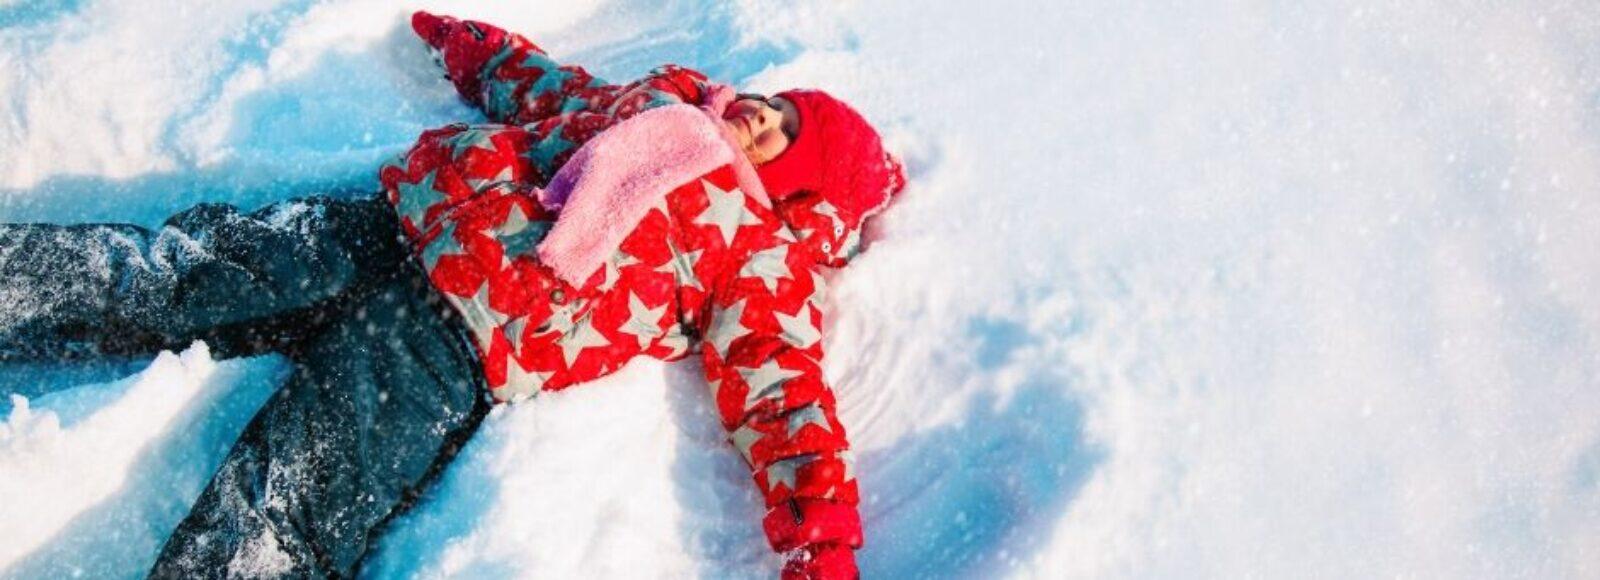 bambini sulla neve - Primiero - Trentino